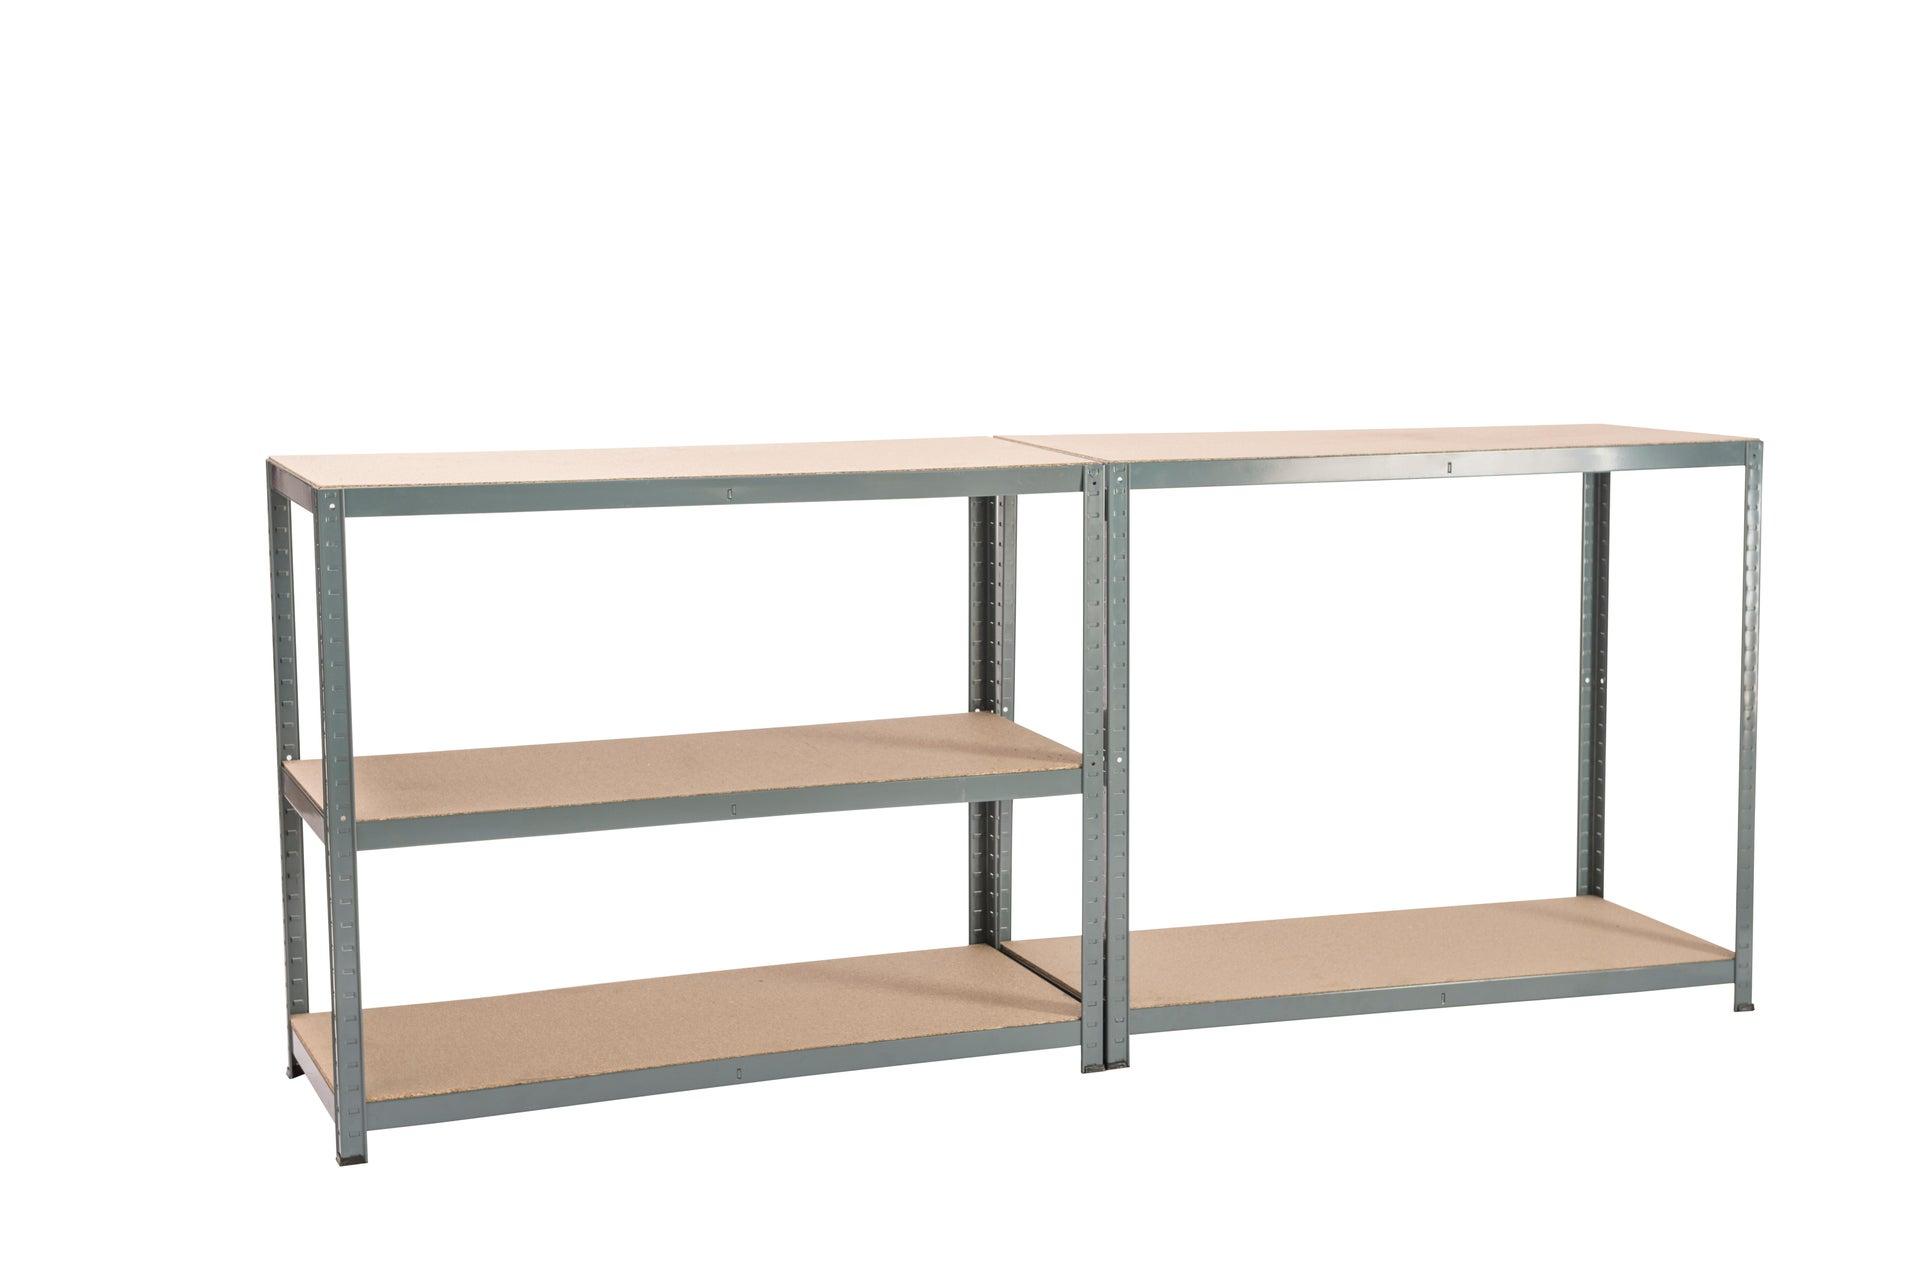 Scaffale in metallo in kit Spaceo L 120 x P 50 x H 196 cm grigio antracite - 15